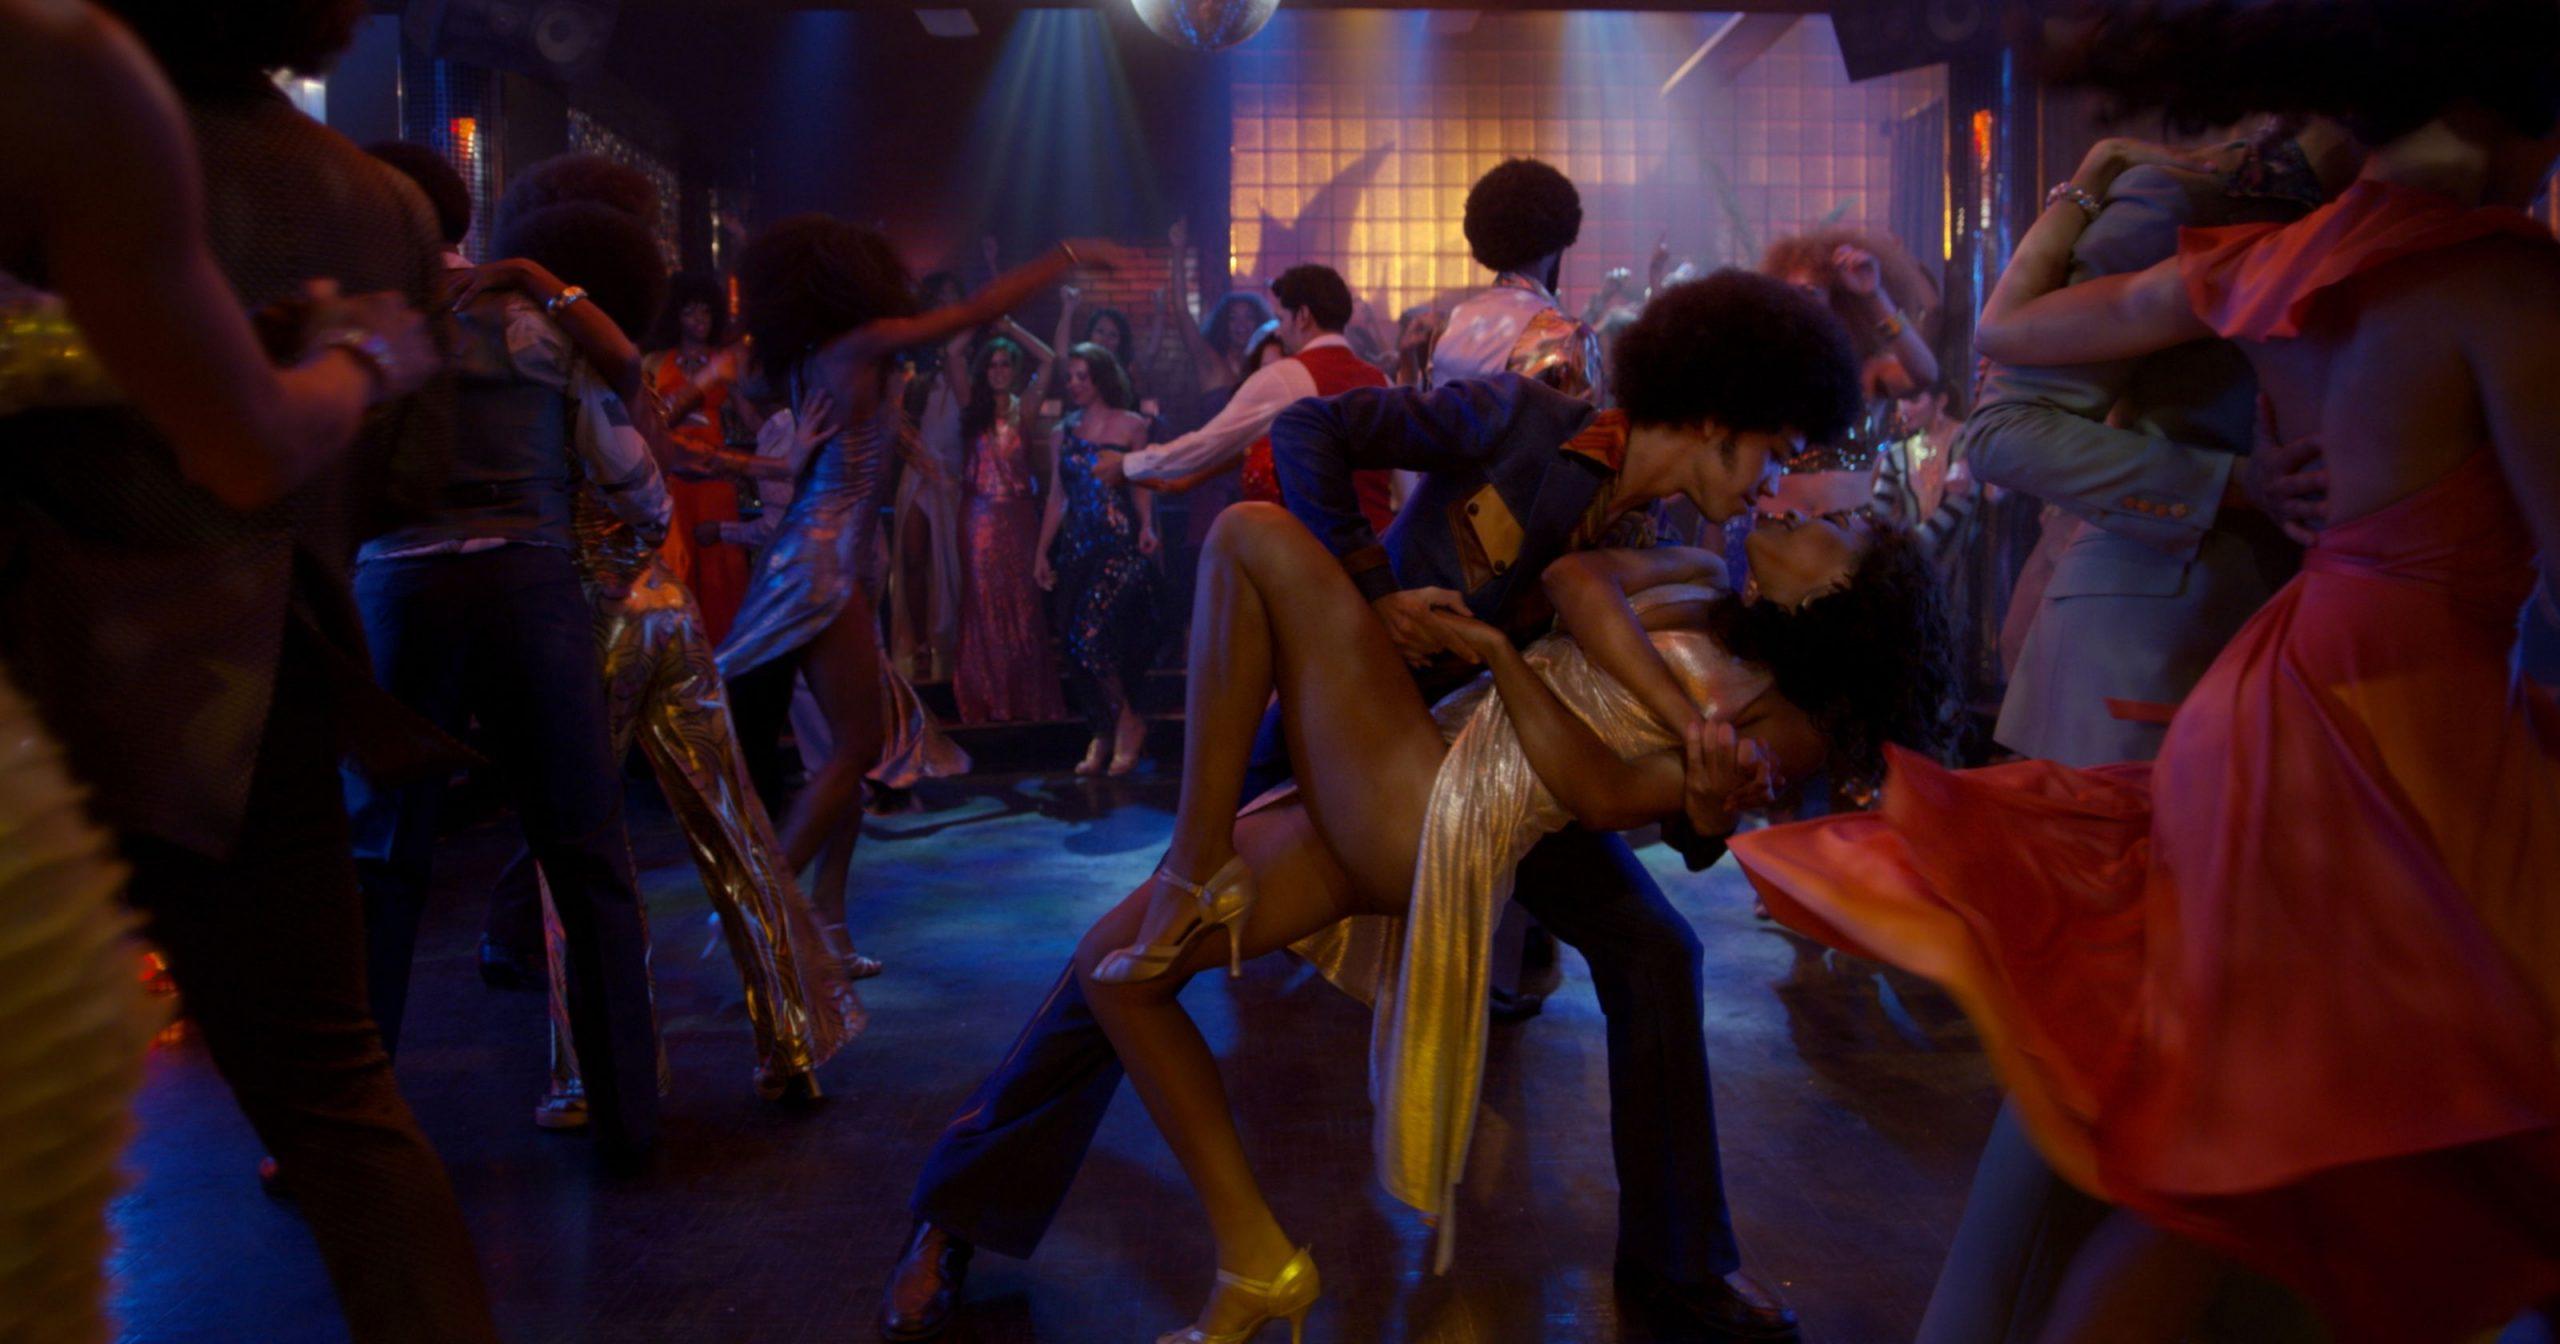 Zeke (Smith) dances with Mylene (Guardiola) at a nightclub.